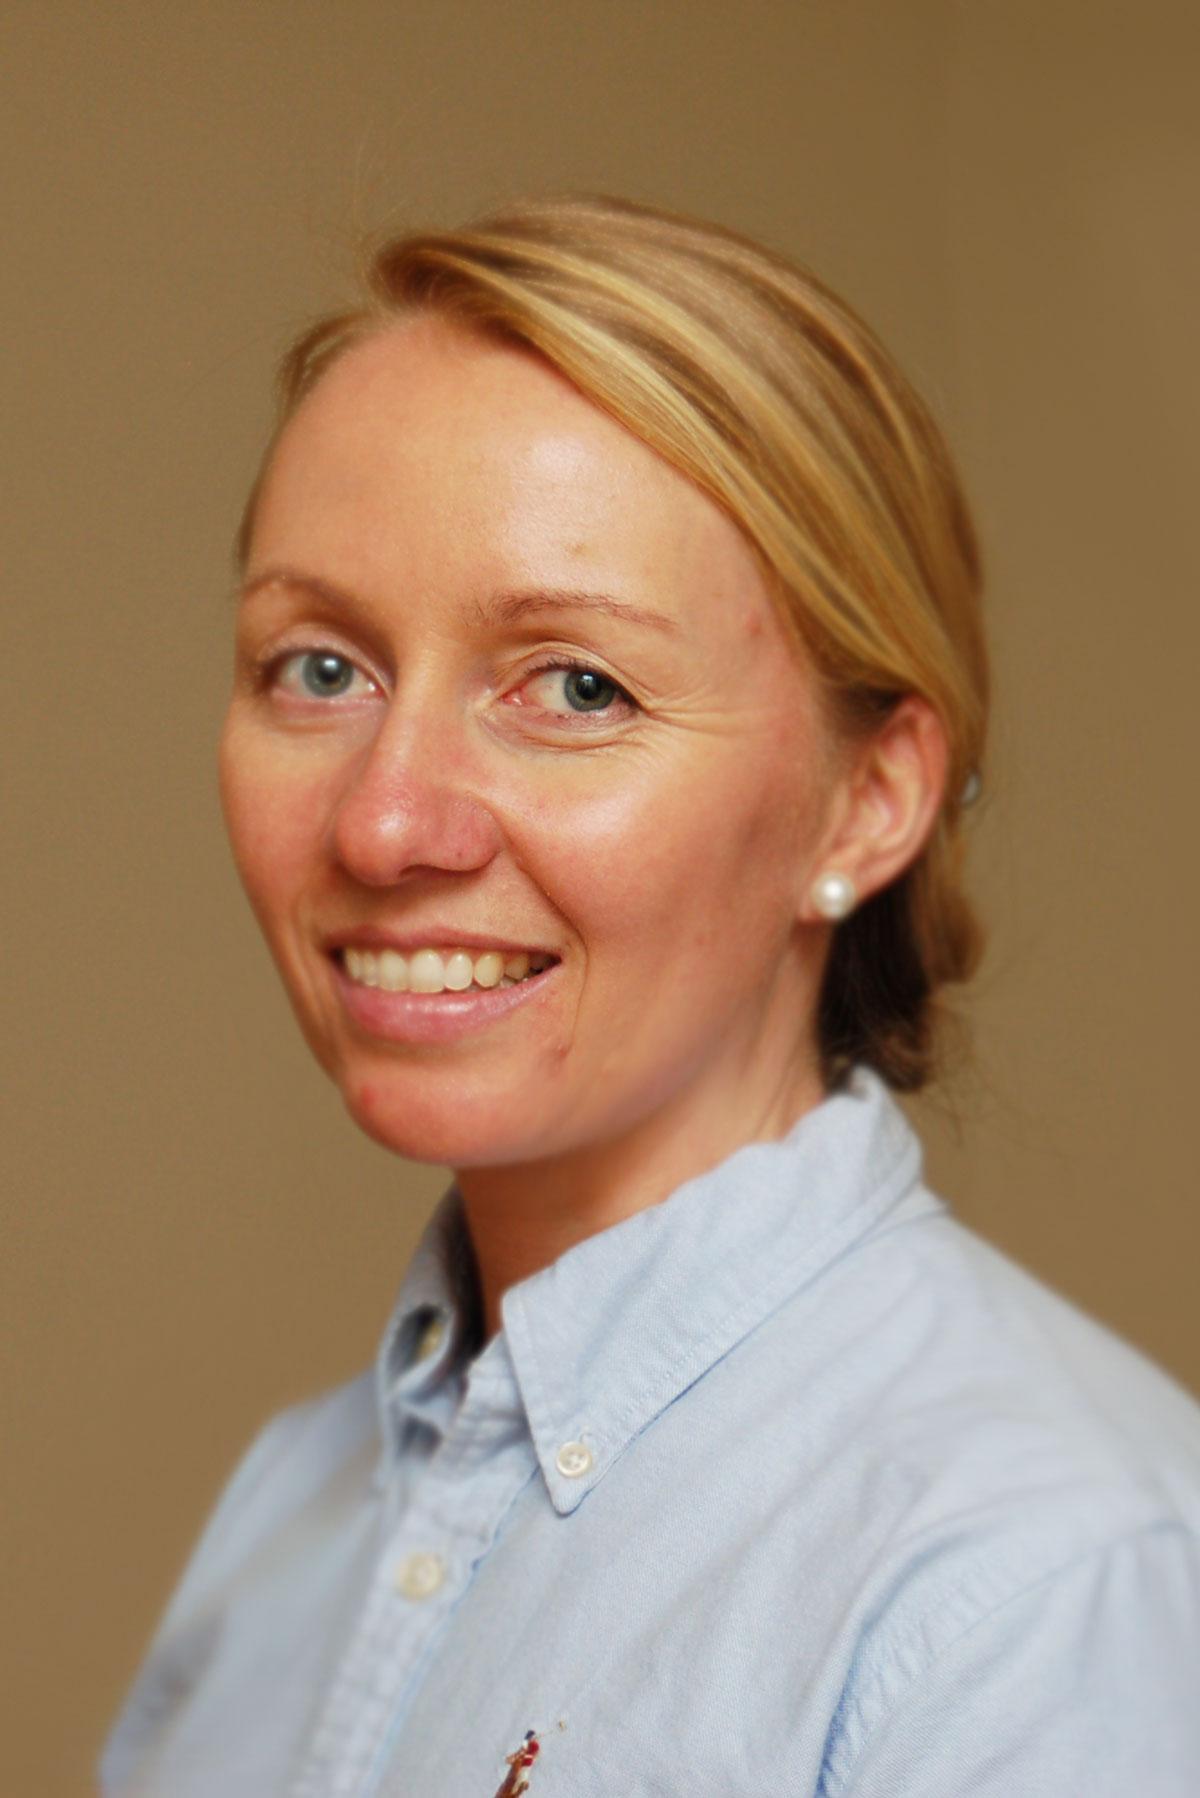 Lena Olsen